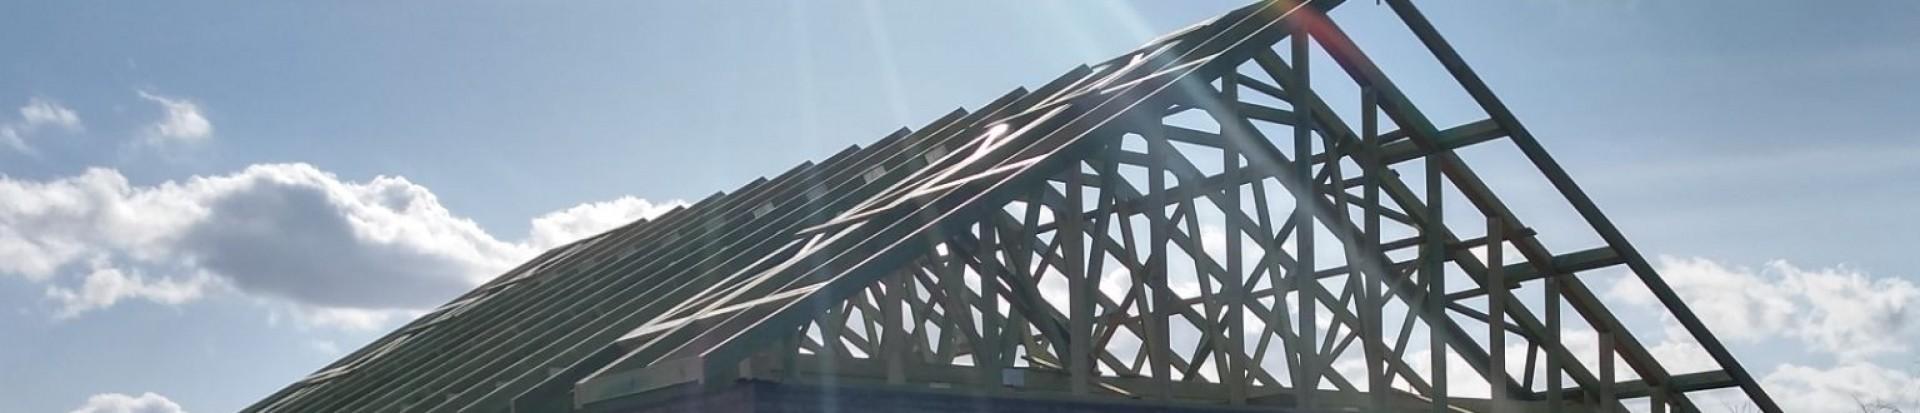 Więźba dachowa - almanach wiedzy